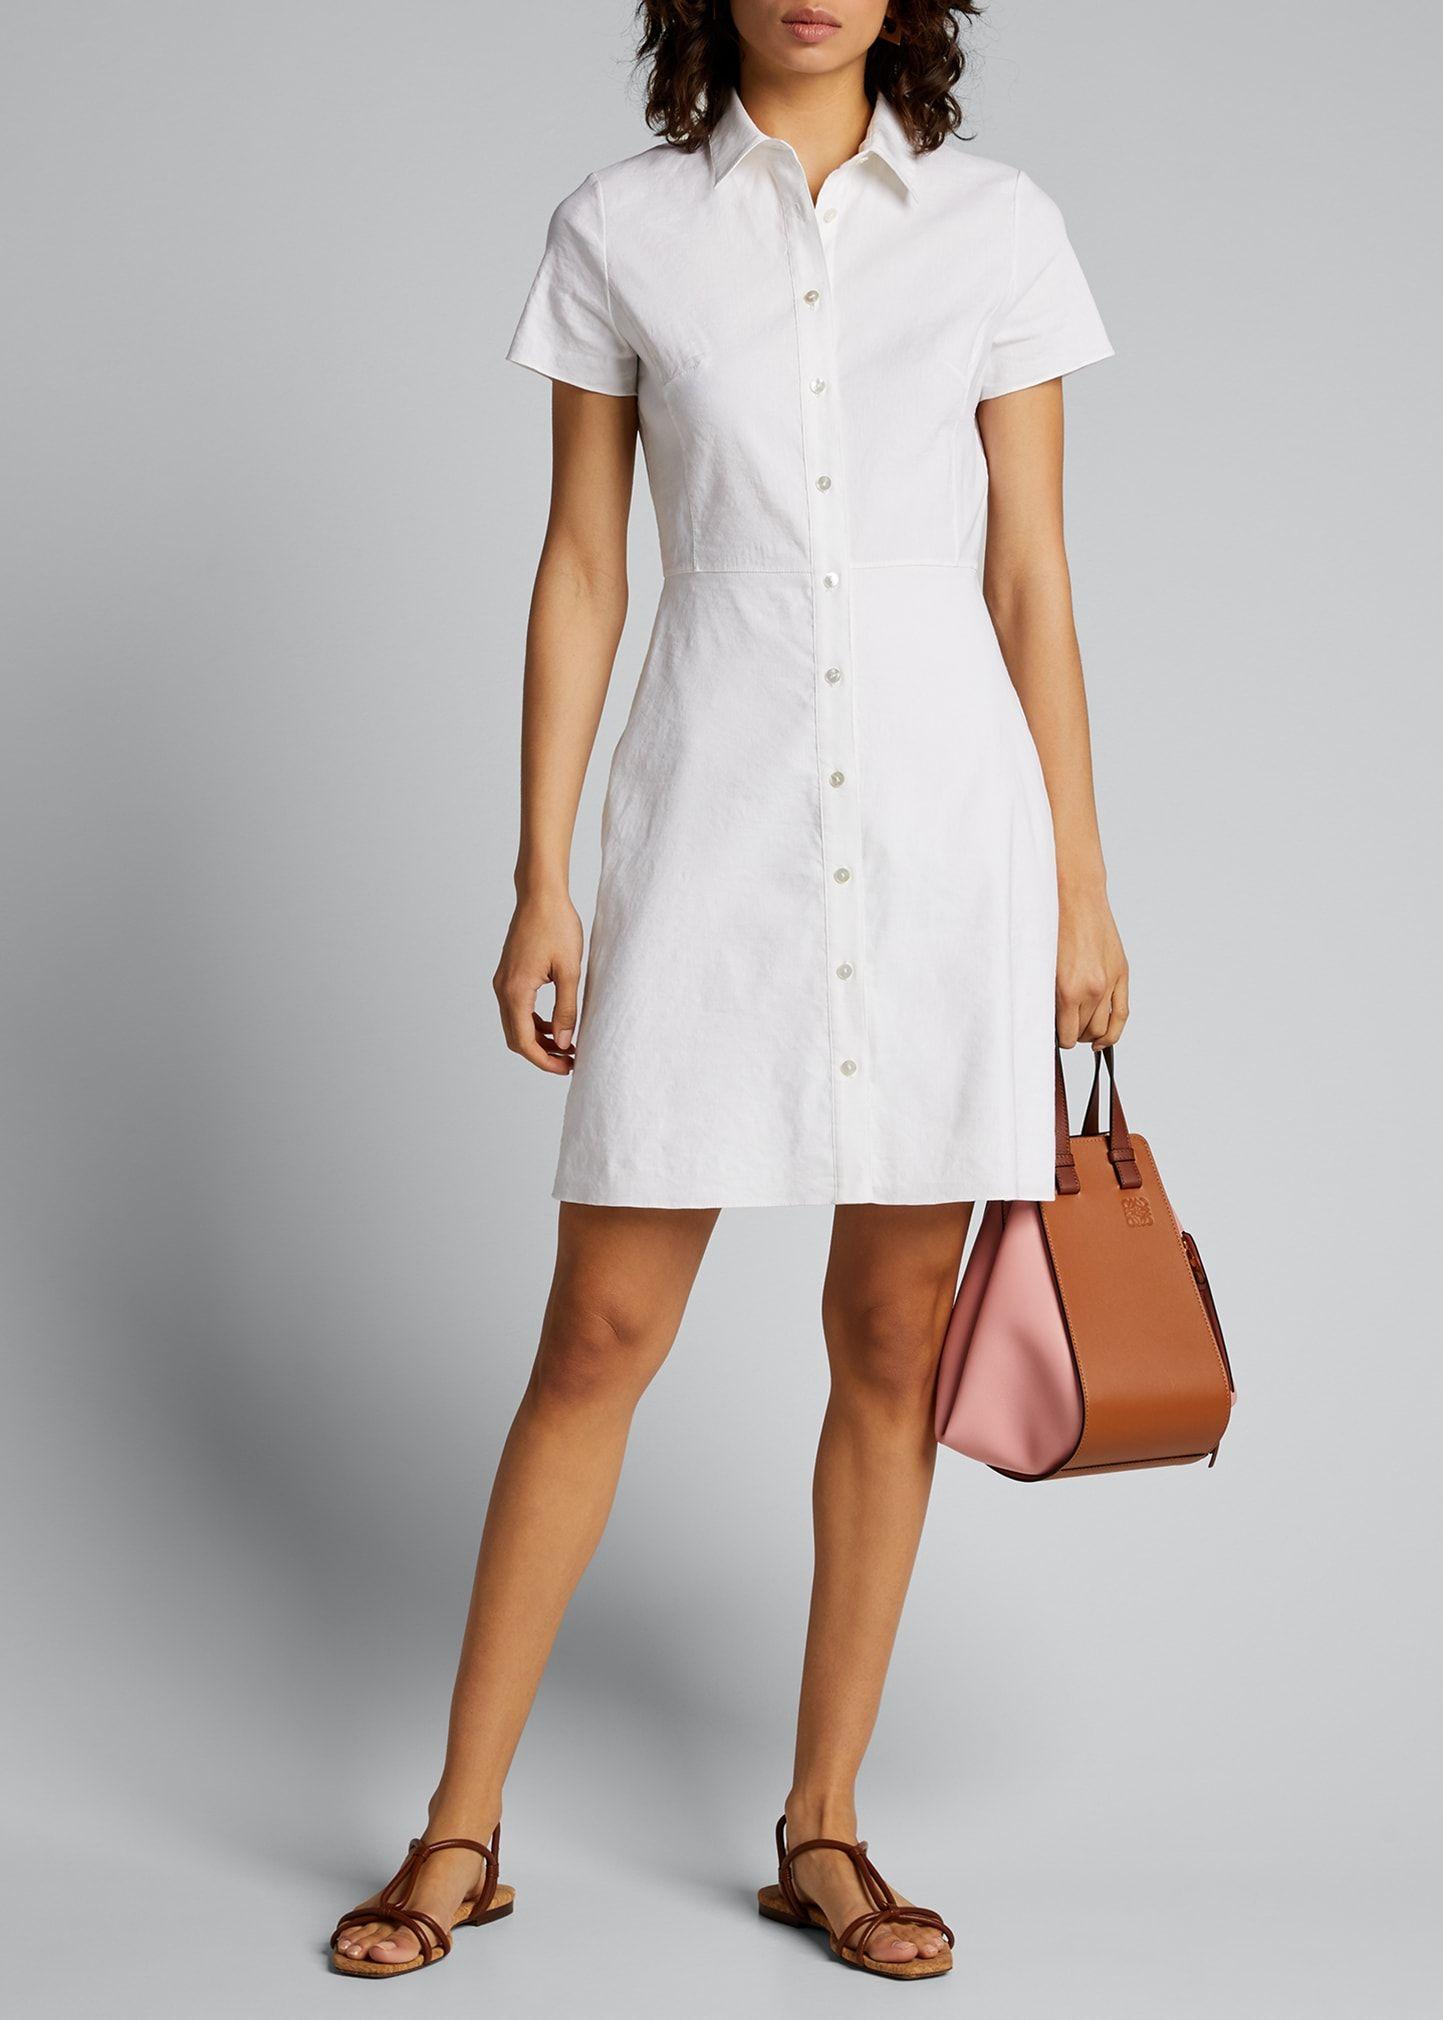 42+ Short sleeve shirt dress ideas